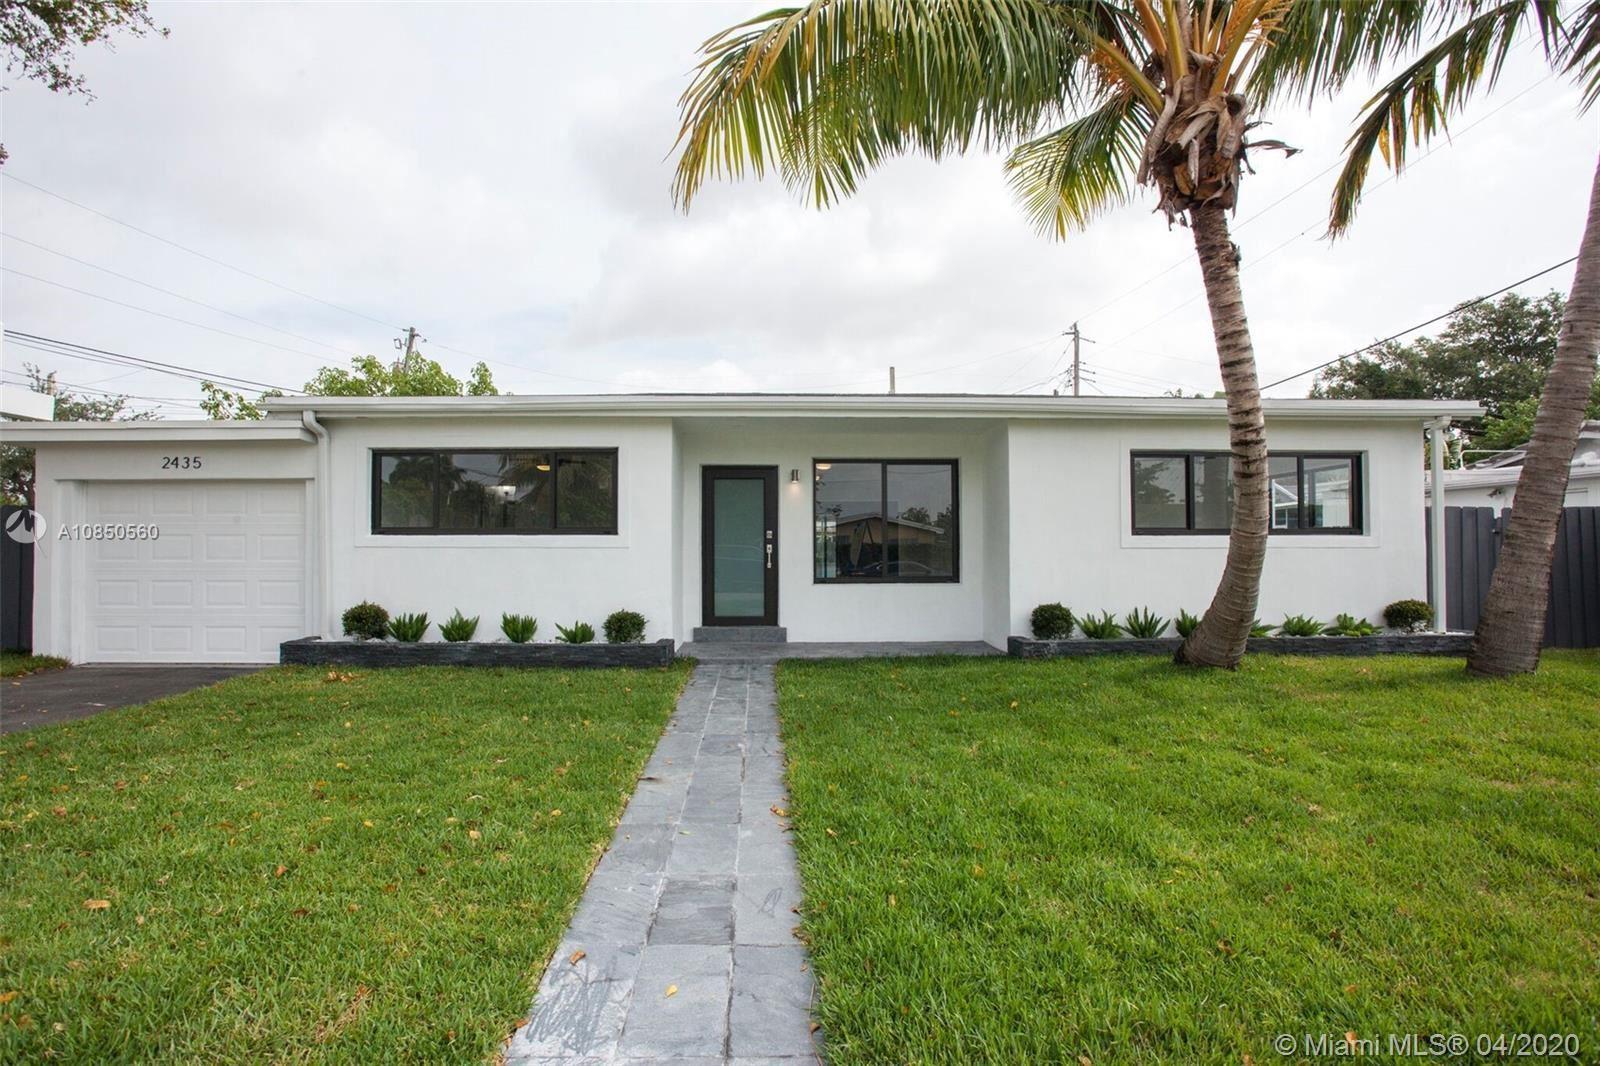 2435 NE 214th St, Miami, FL 33180 - #: A10850560